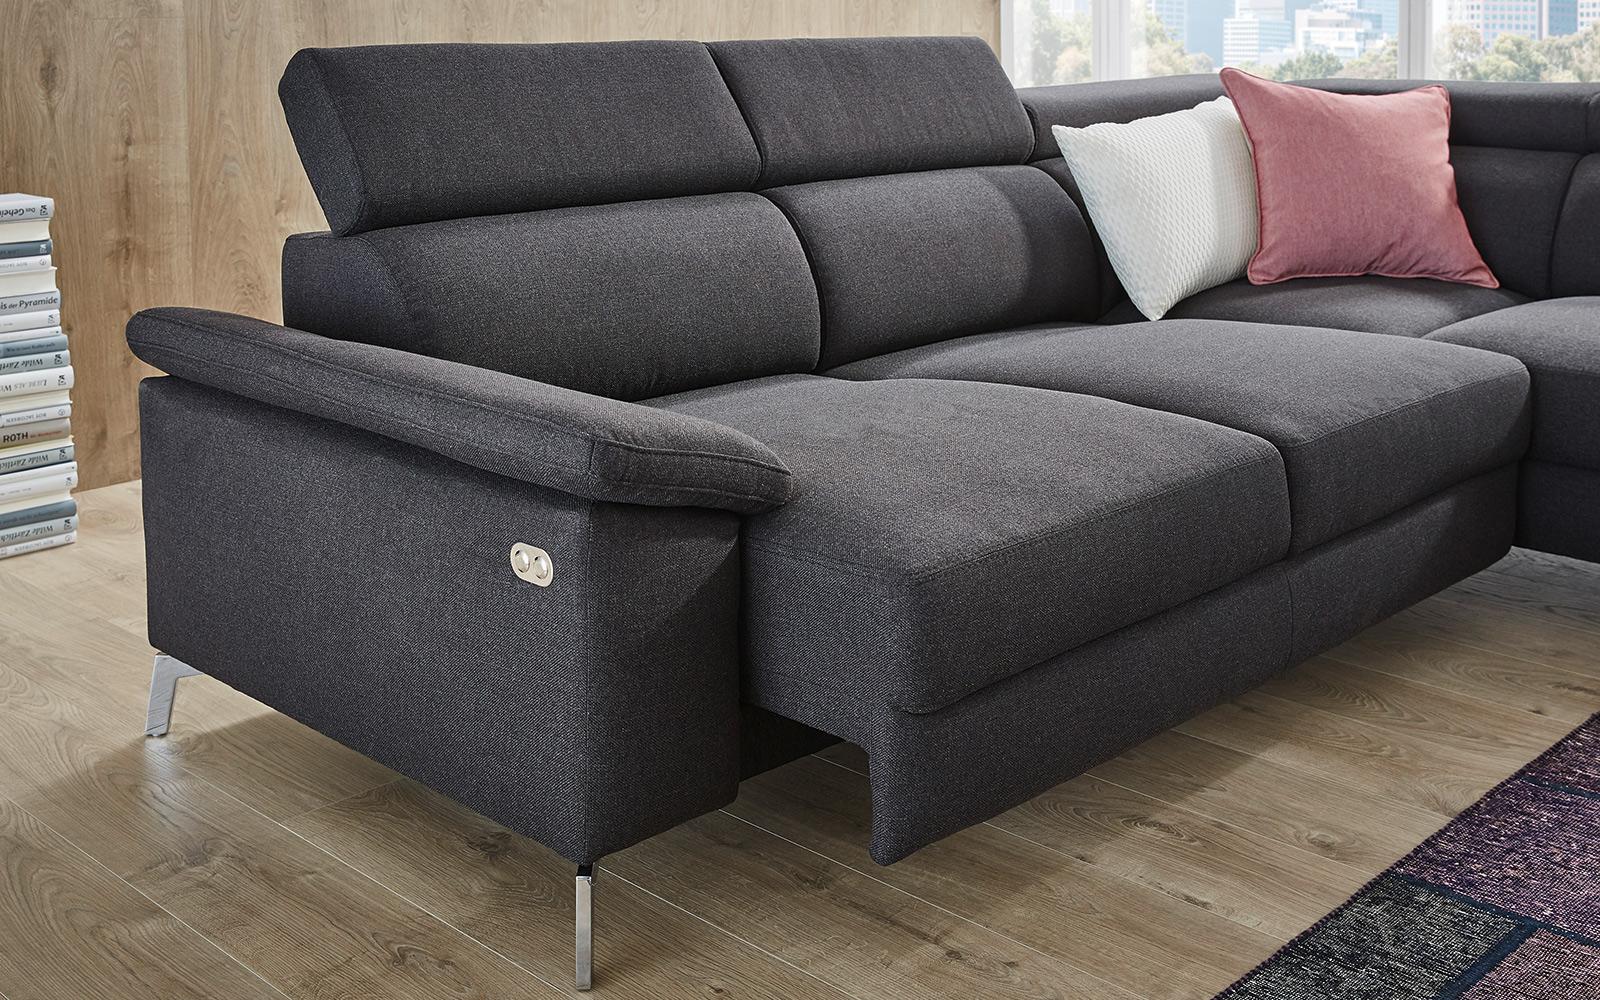 Full Size of Majola Fachhndler Mbel Kempf Rundes Sofa Blau 2 Sitzer Mit Schlaffunktion Halbrund Elektrischer Sitztiefenverstellung Garnitur Teilig Abnehmbaren Bezug Karup Sofa Mondo Sofa